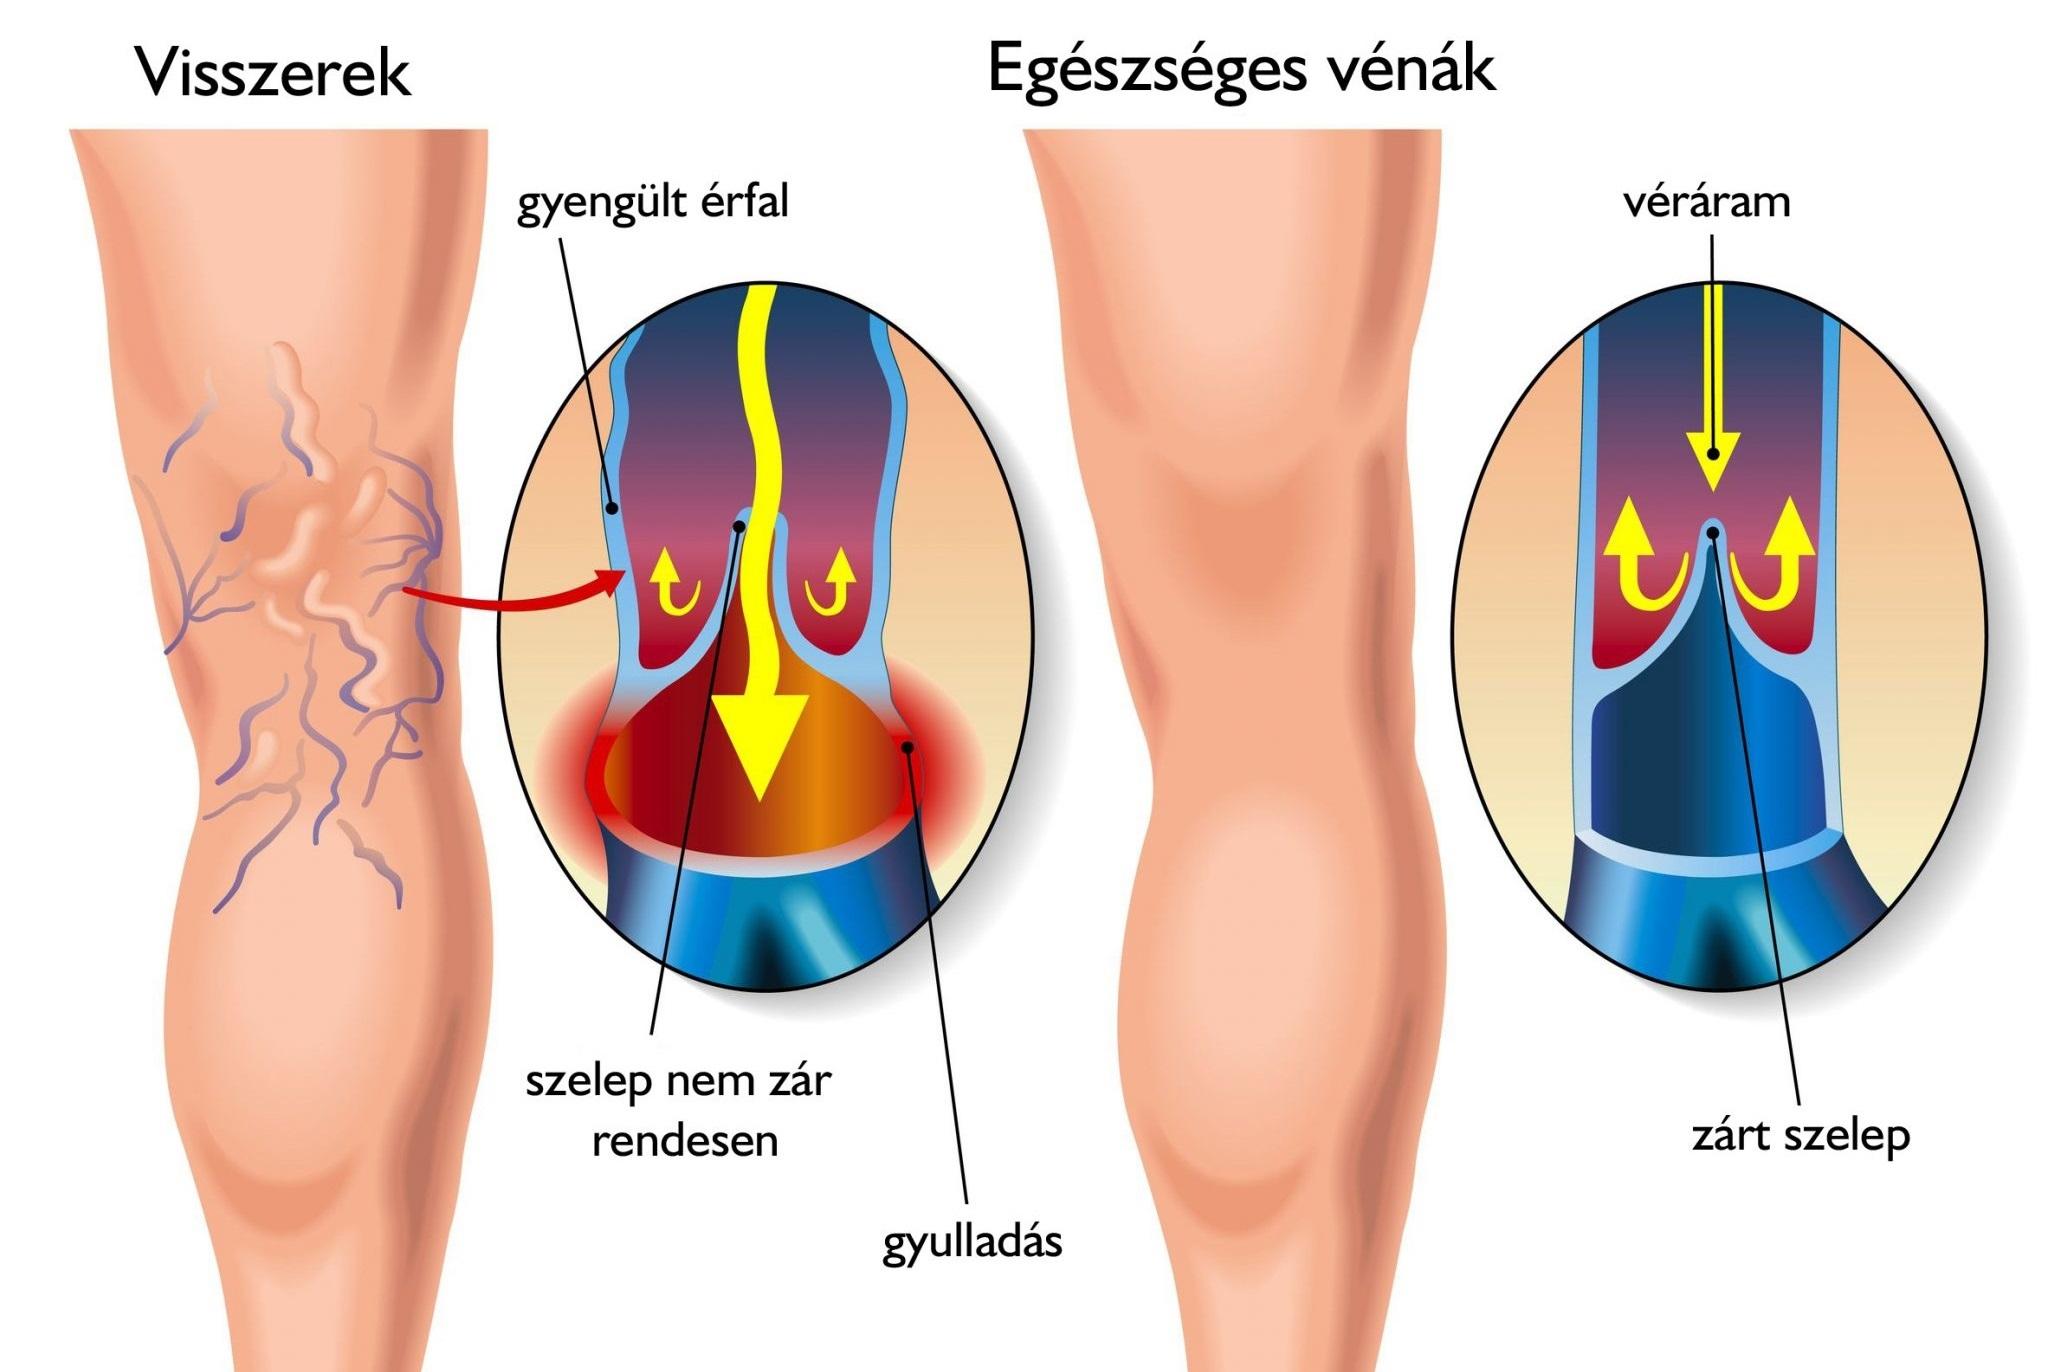 A varikózis következményei a férfiak lábán. Hogyan lehet megszabadulni a fájdalomtól?